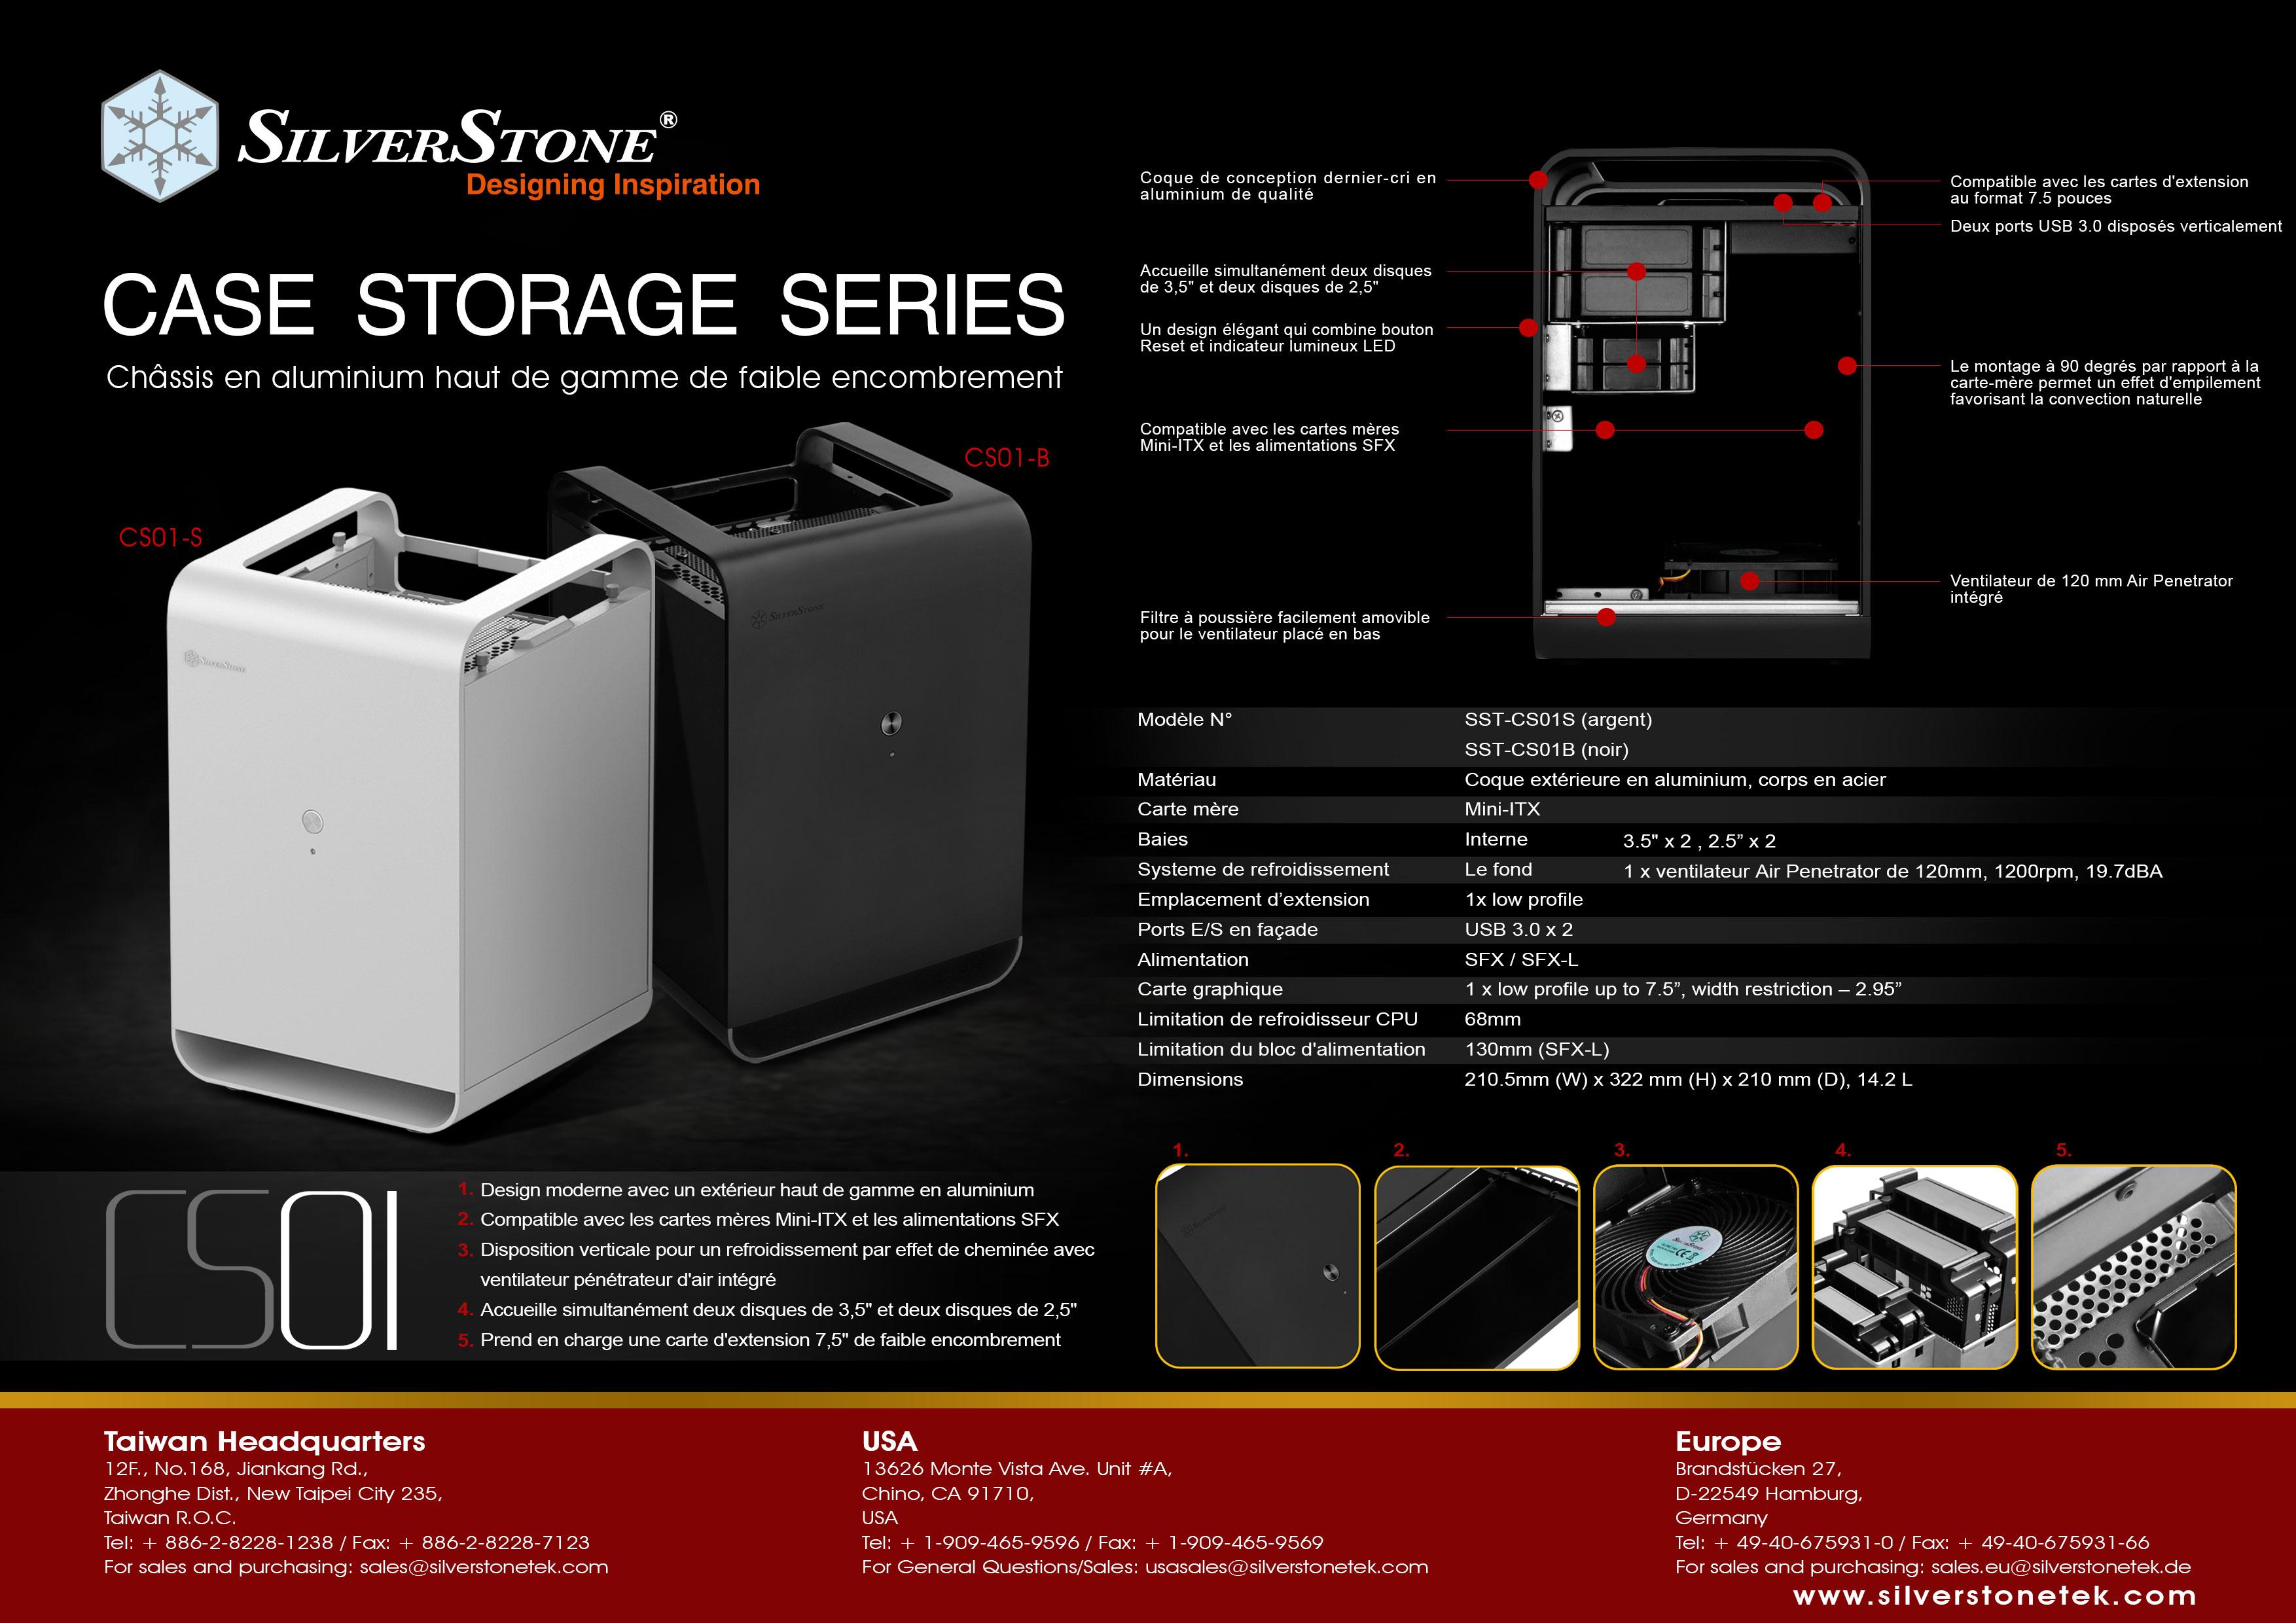 SilverStone: nouveaux boiters de Stockage CS01 et CS01-HS disponible très bientôt